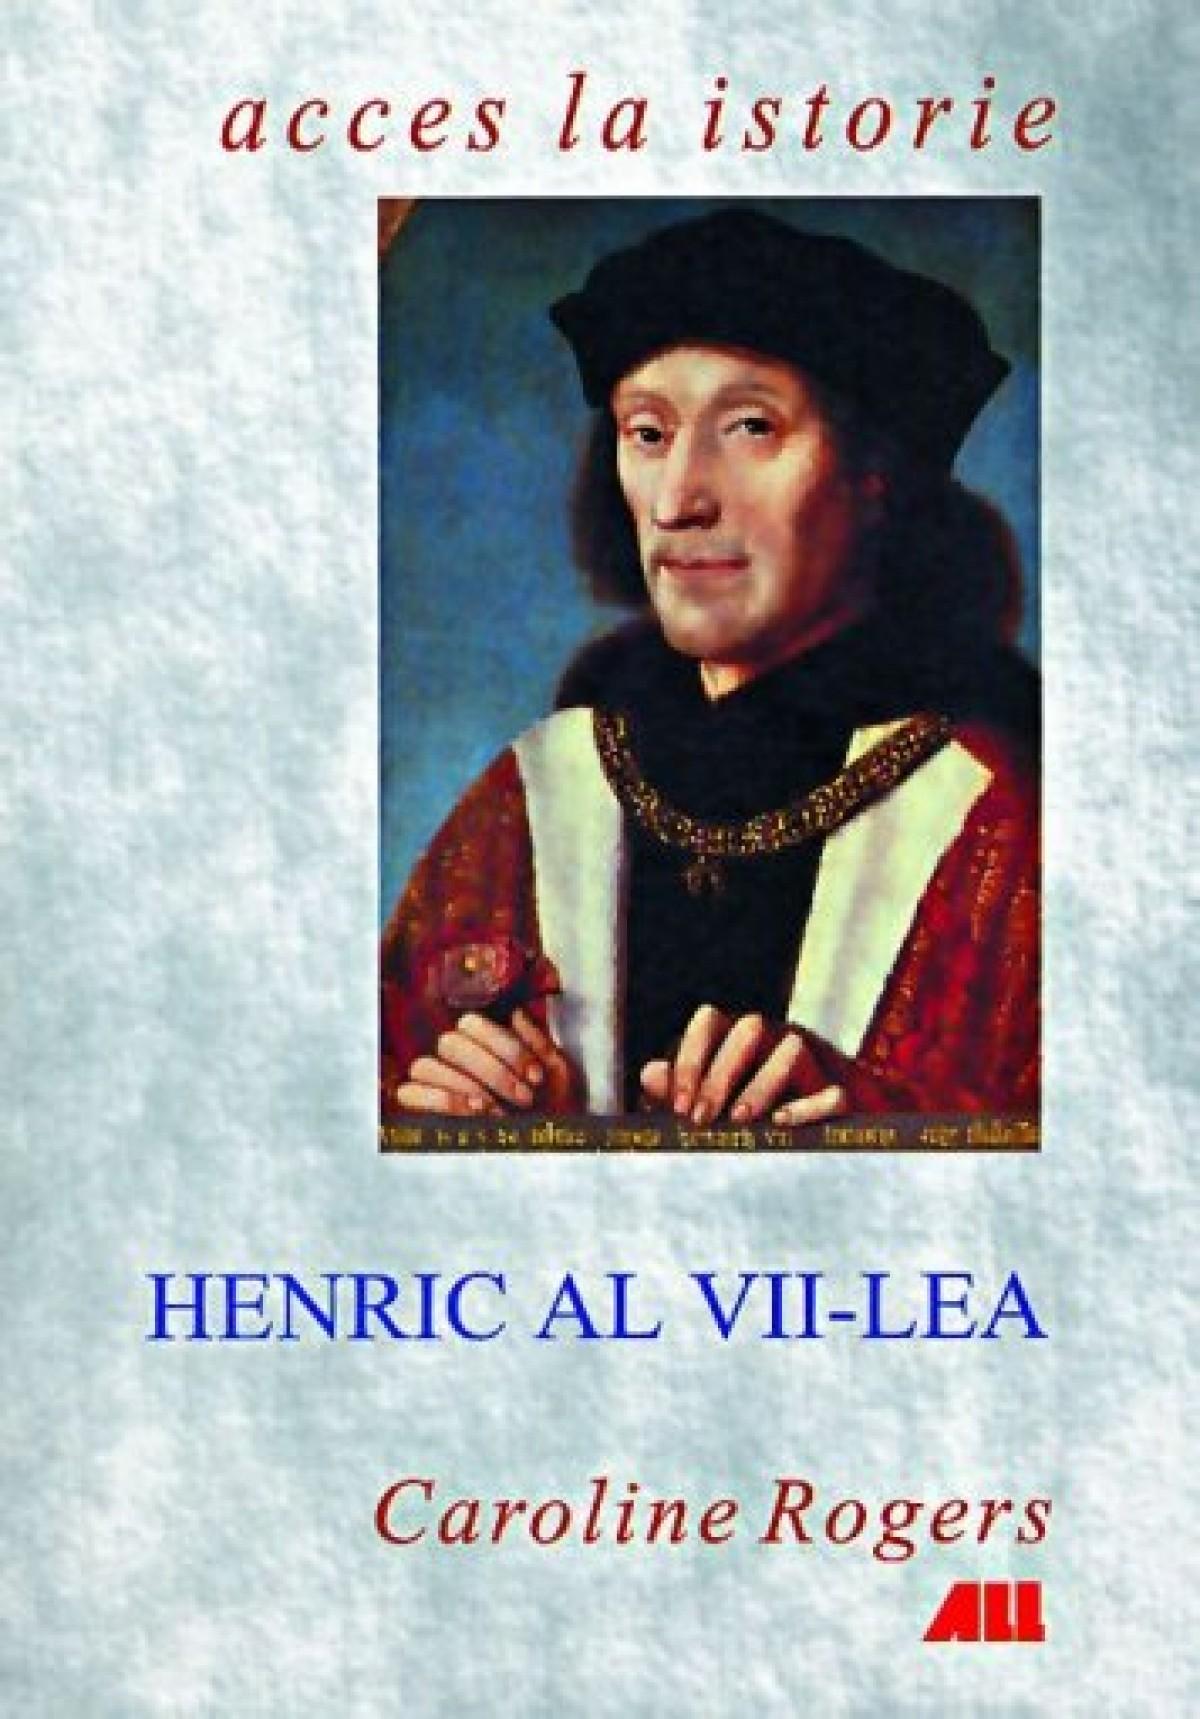 Henric al VII-lea